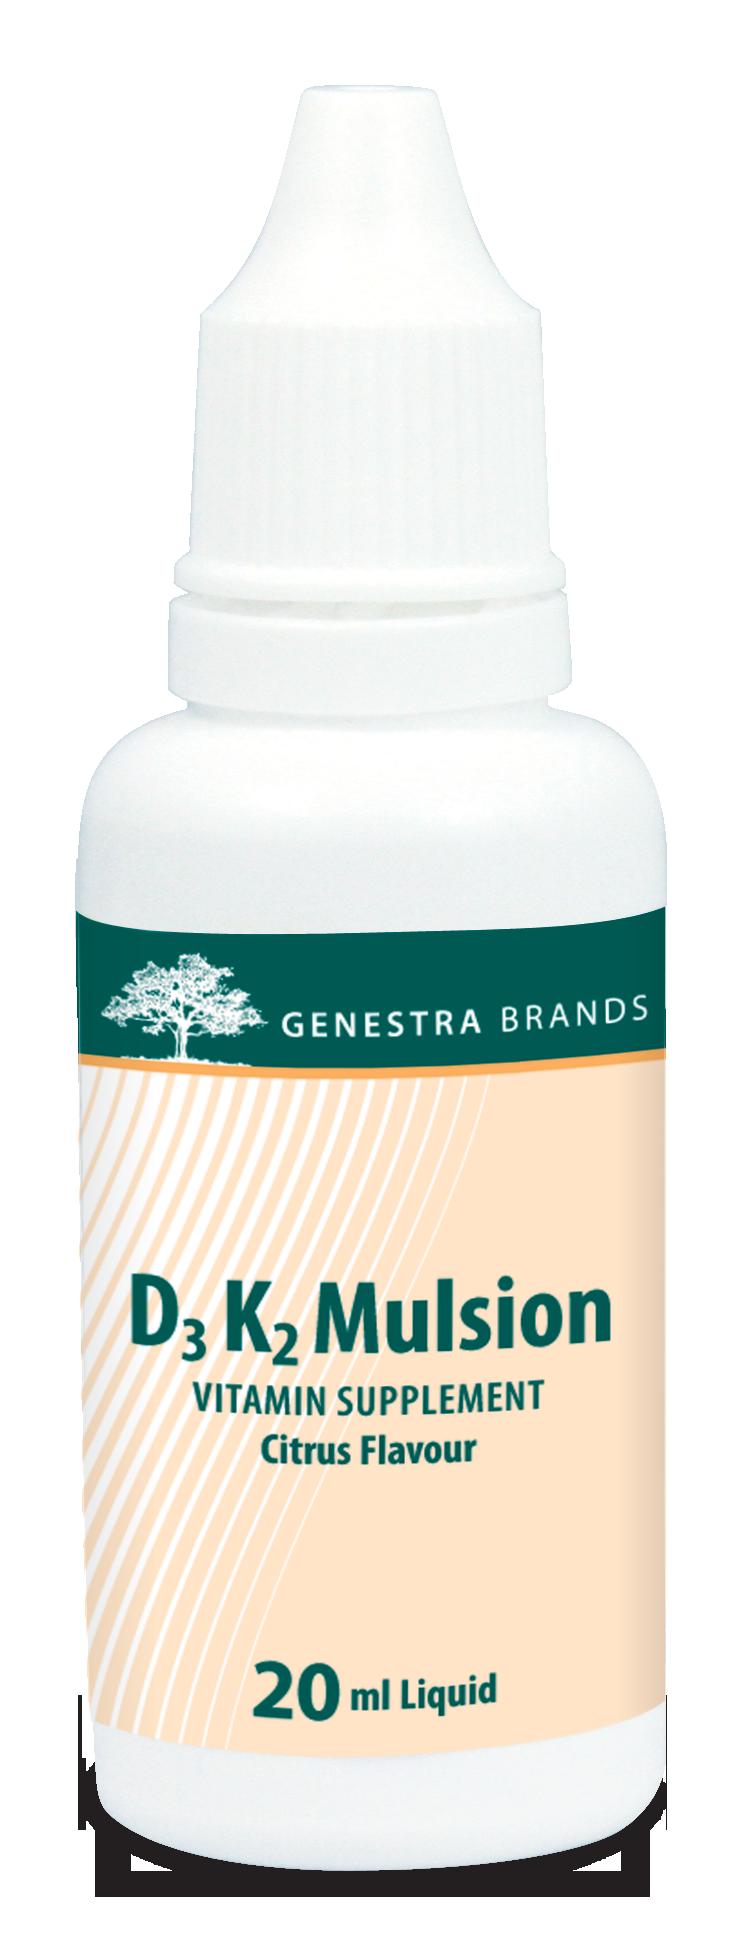 Genestra D3 K2 Mulsion – 20 mL